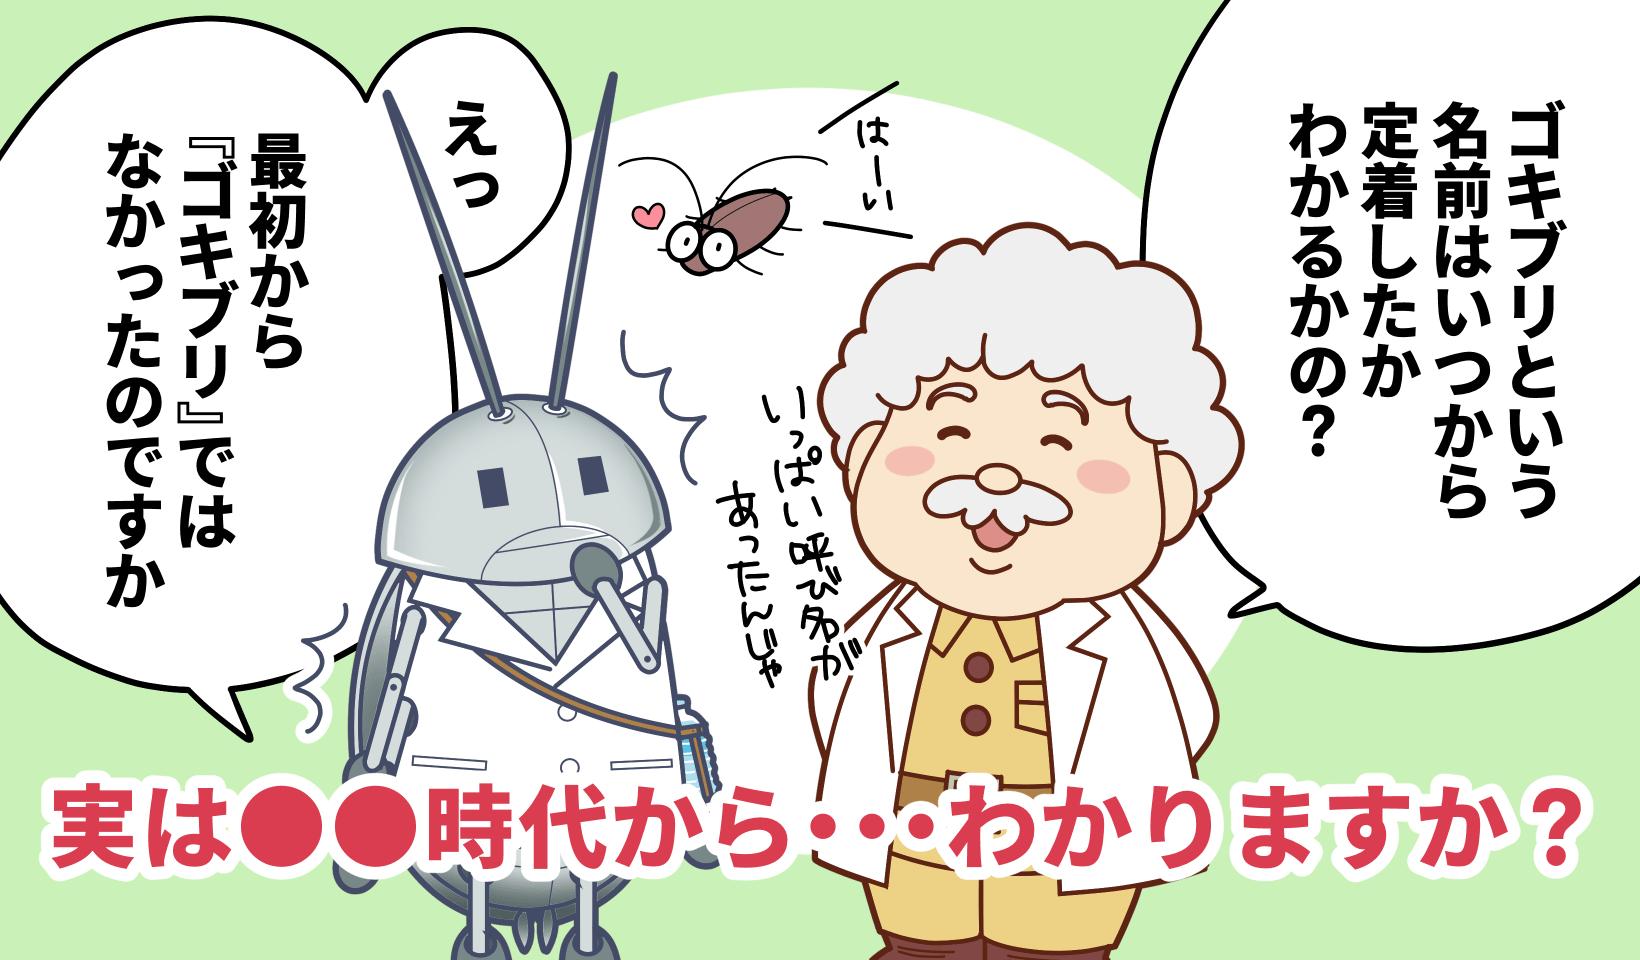 ゴキブリの名前はどの時代から定着したか尋ねるごきた博士